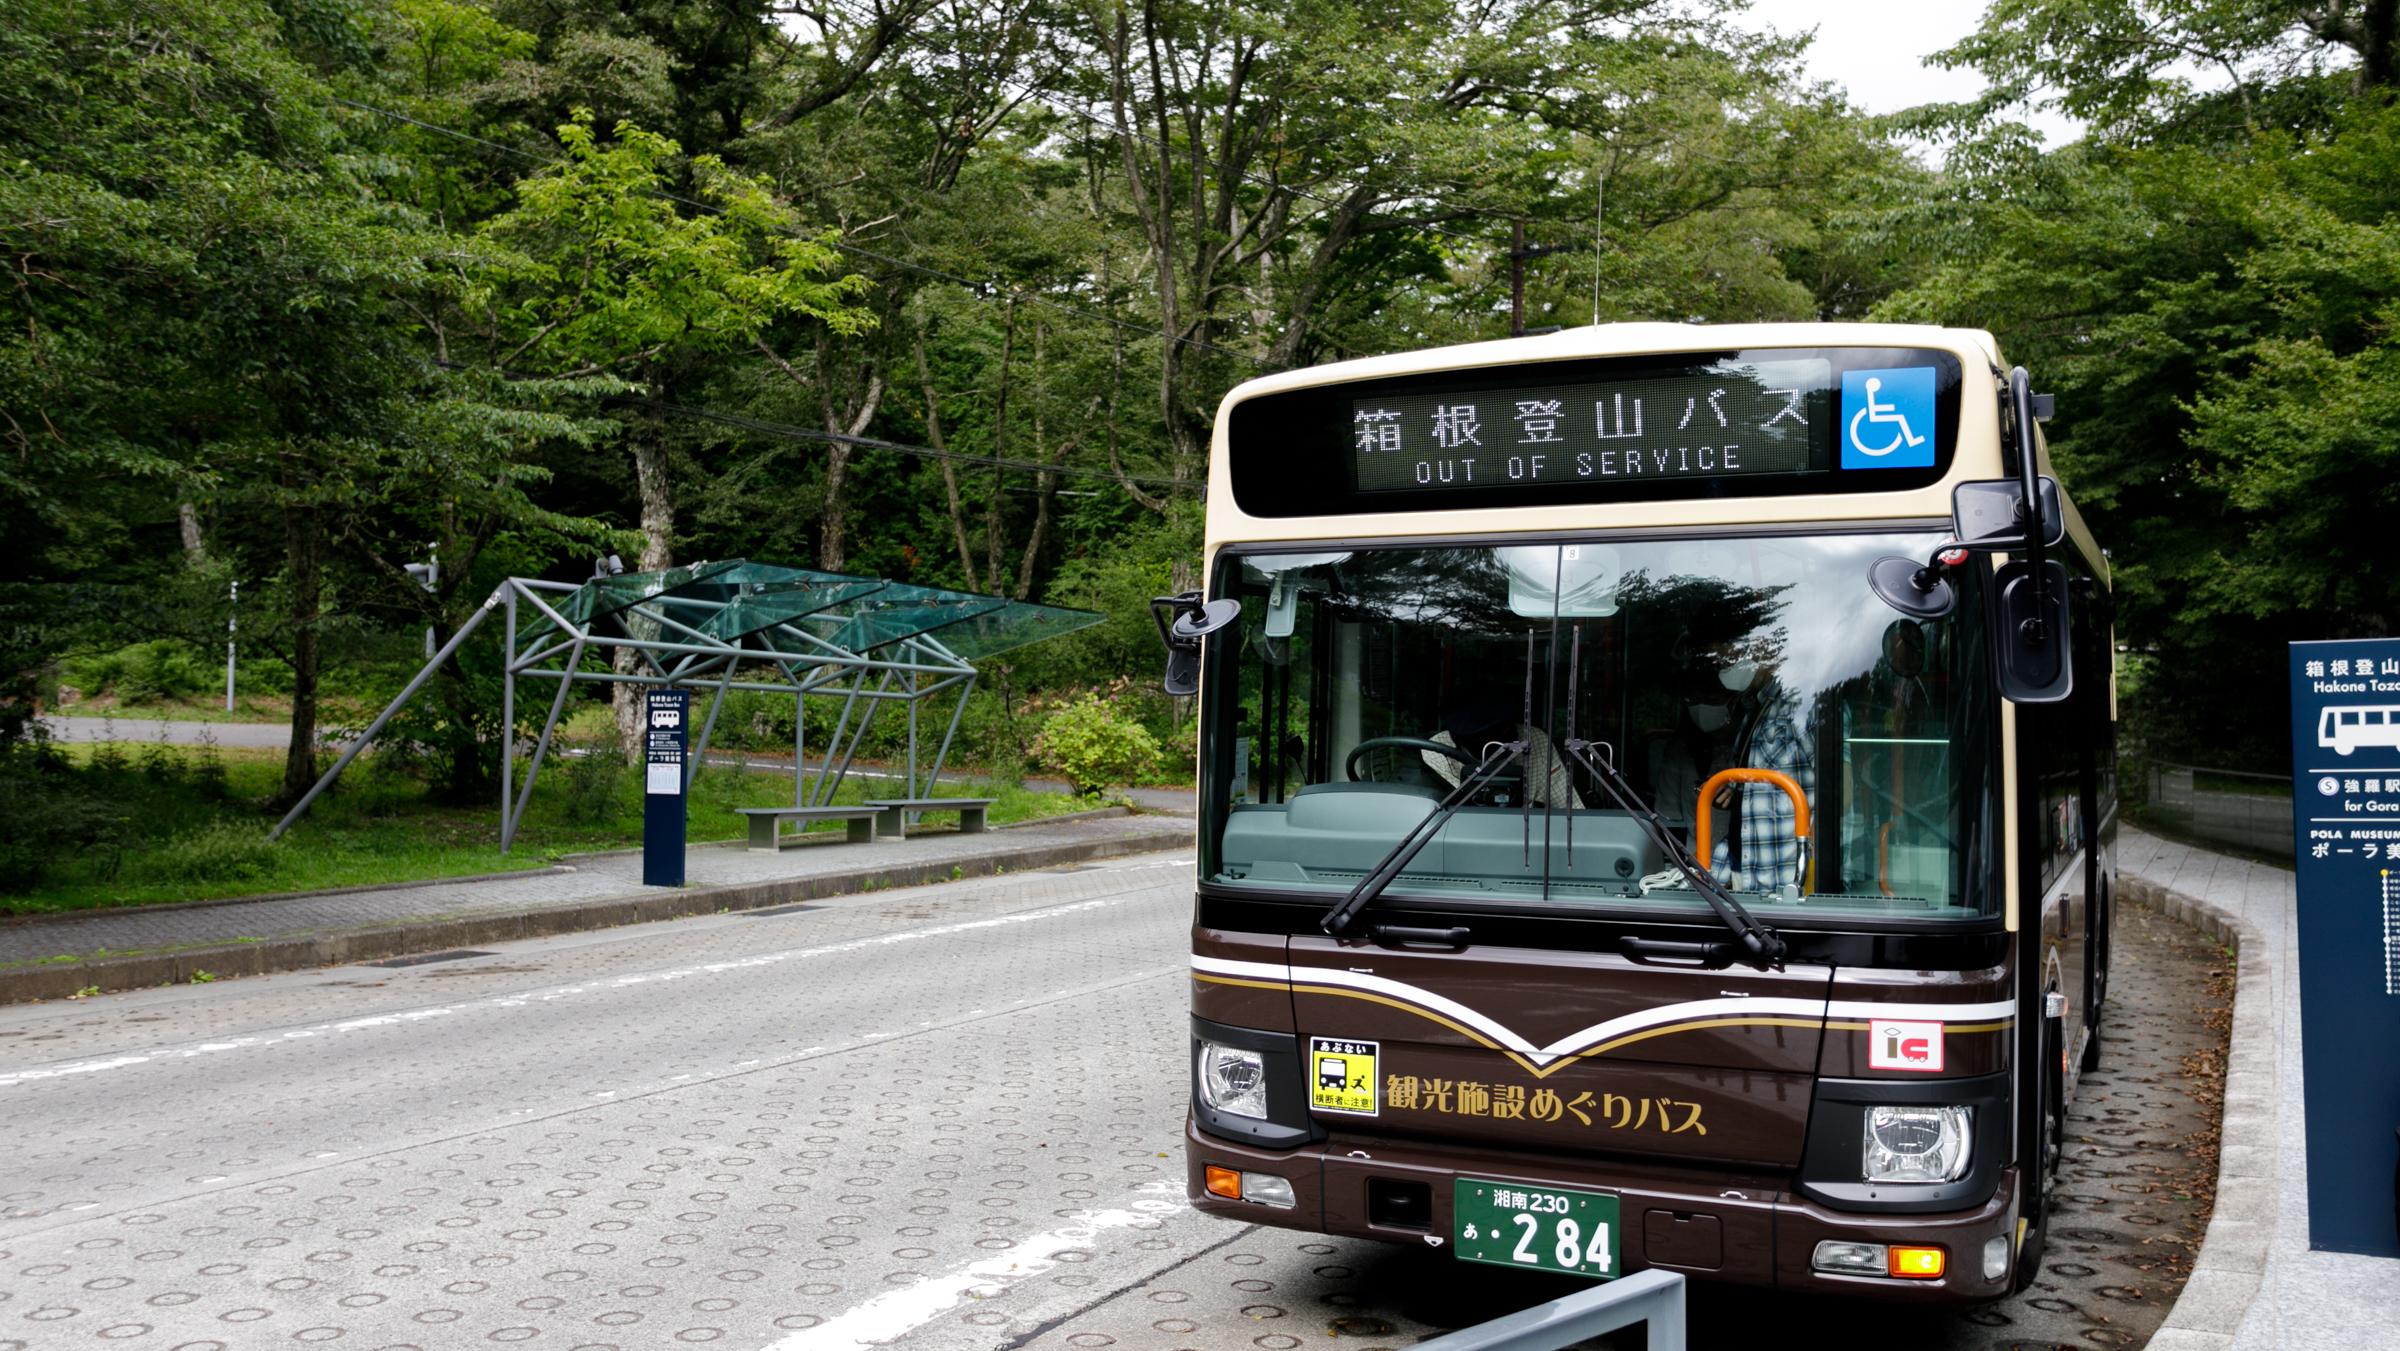 快適バス旅 ミュージアムフリーパスで回る箱根の美術館 モデルコース[取材]